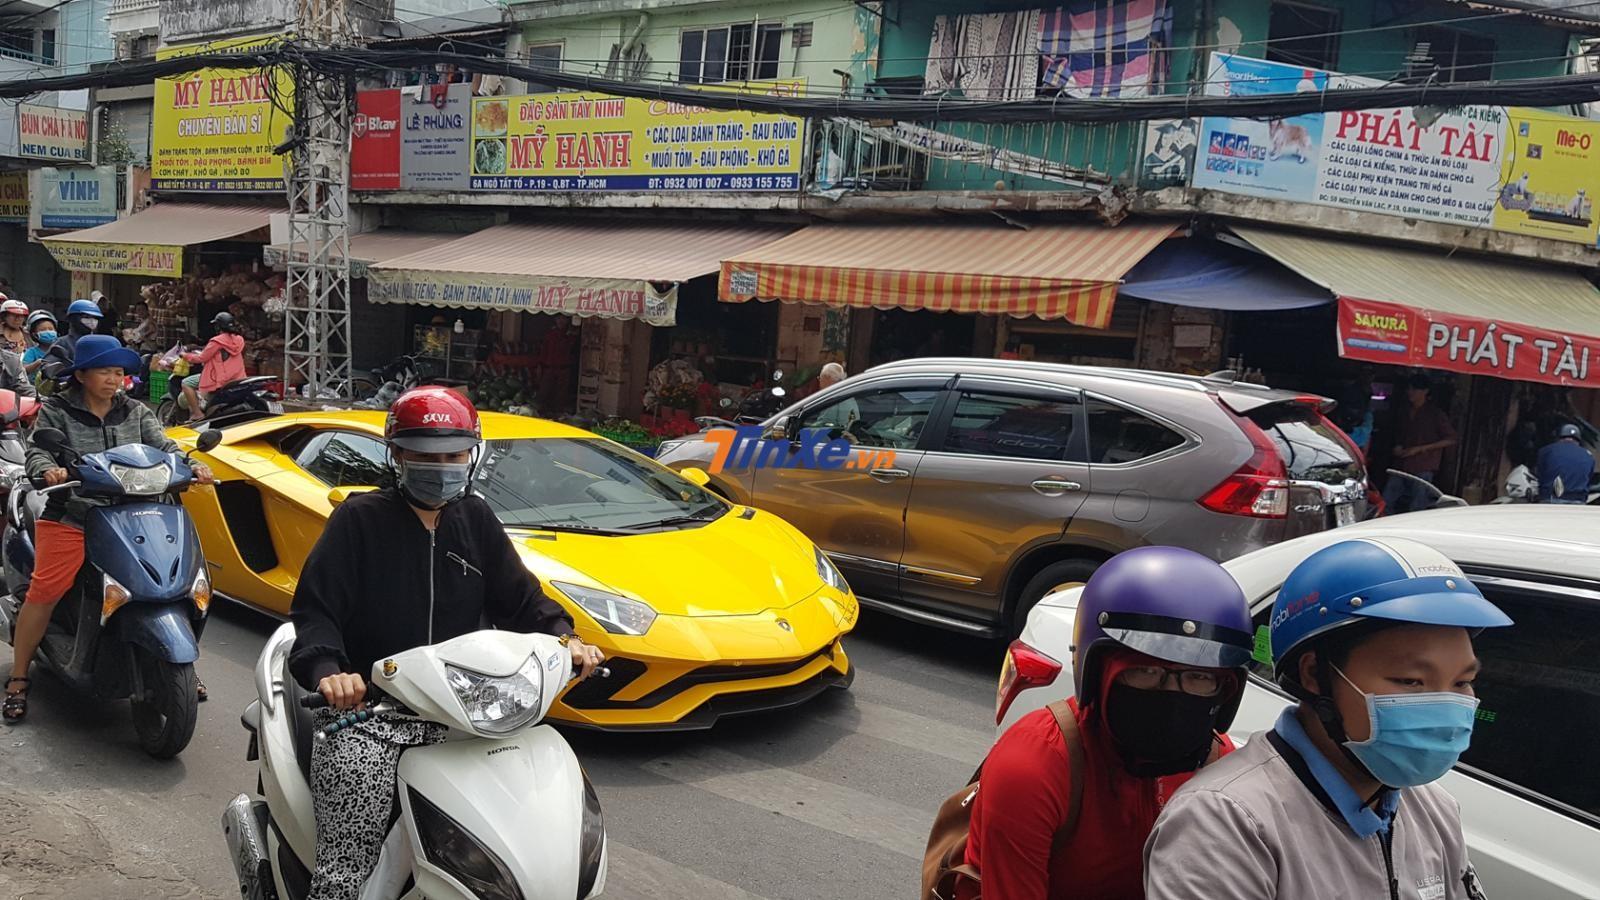 Và chật vật di chuyển cùng các xe máy và ô tô khác tại đường khá hẹp như Ngô Tất Tố, quận Bình Thạnh